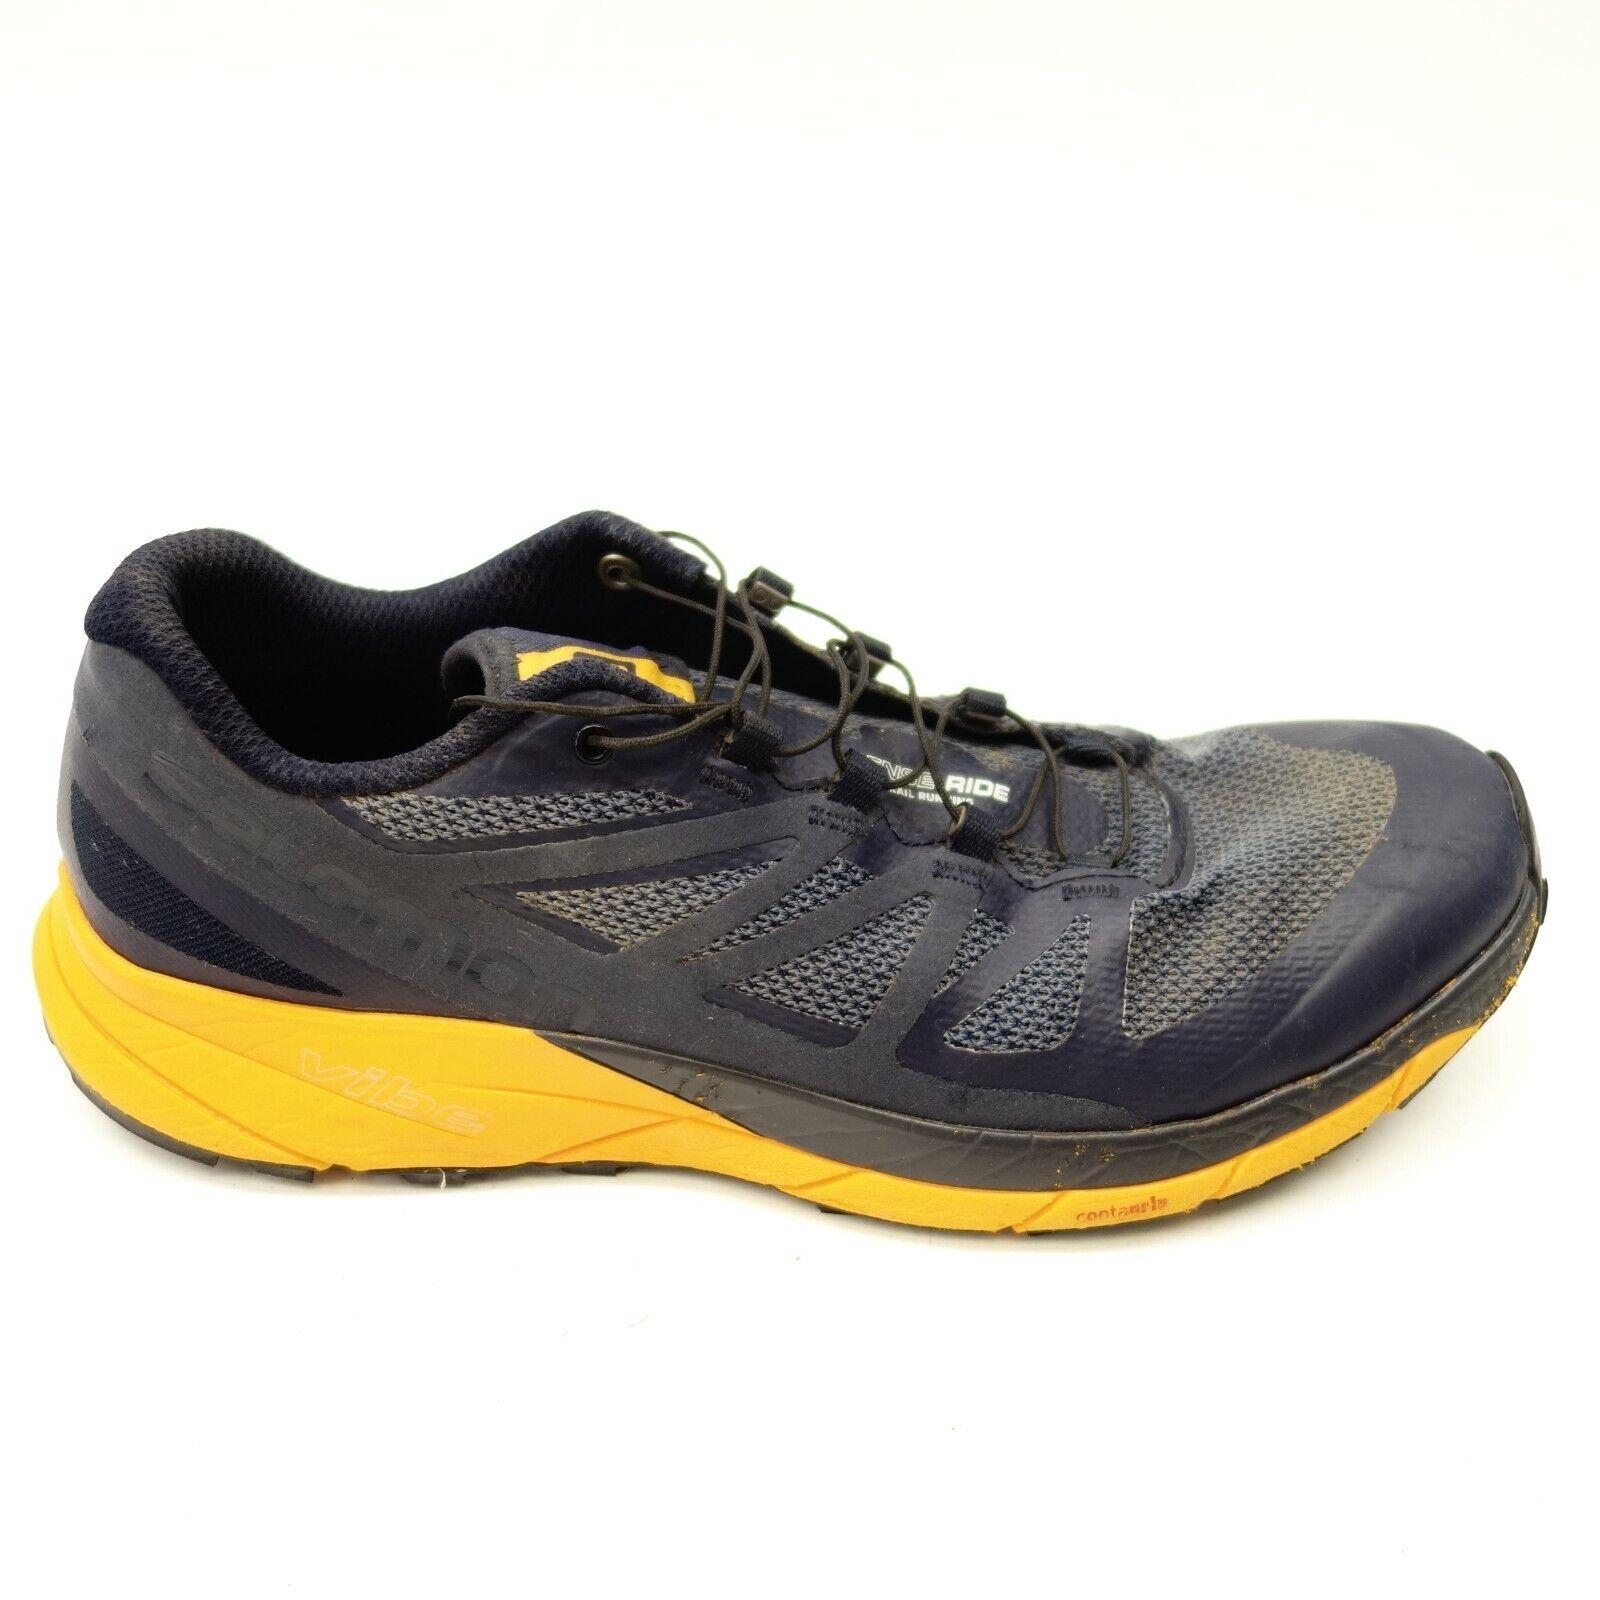 Salomon Sz 9.5 Sense Reite Blau Athletic Wandern Mountain Laufschuhe Herren